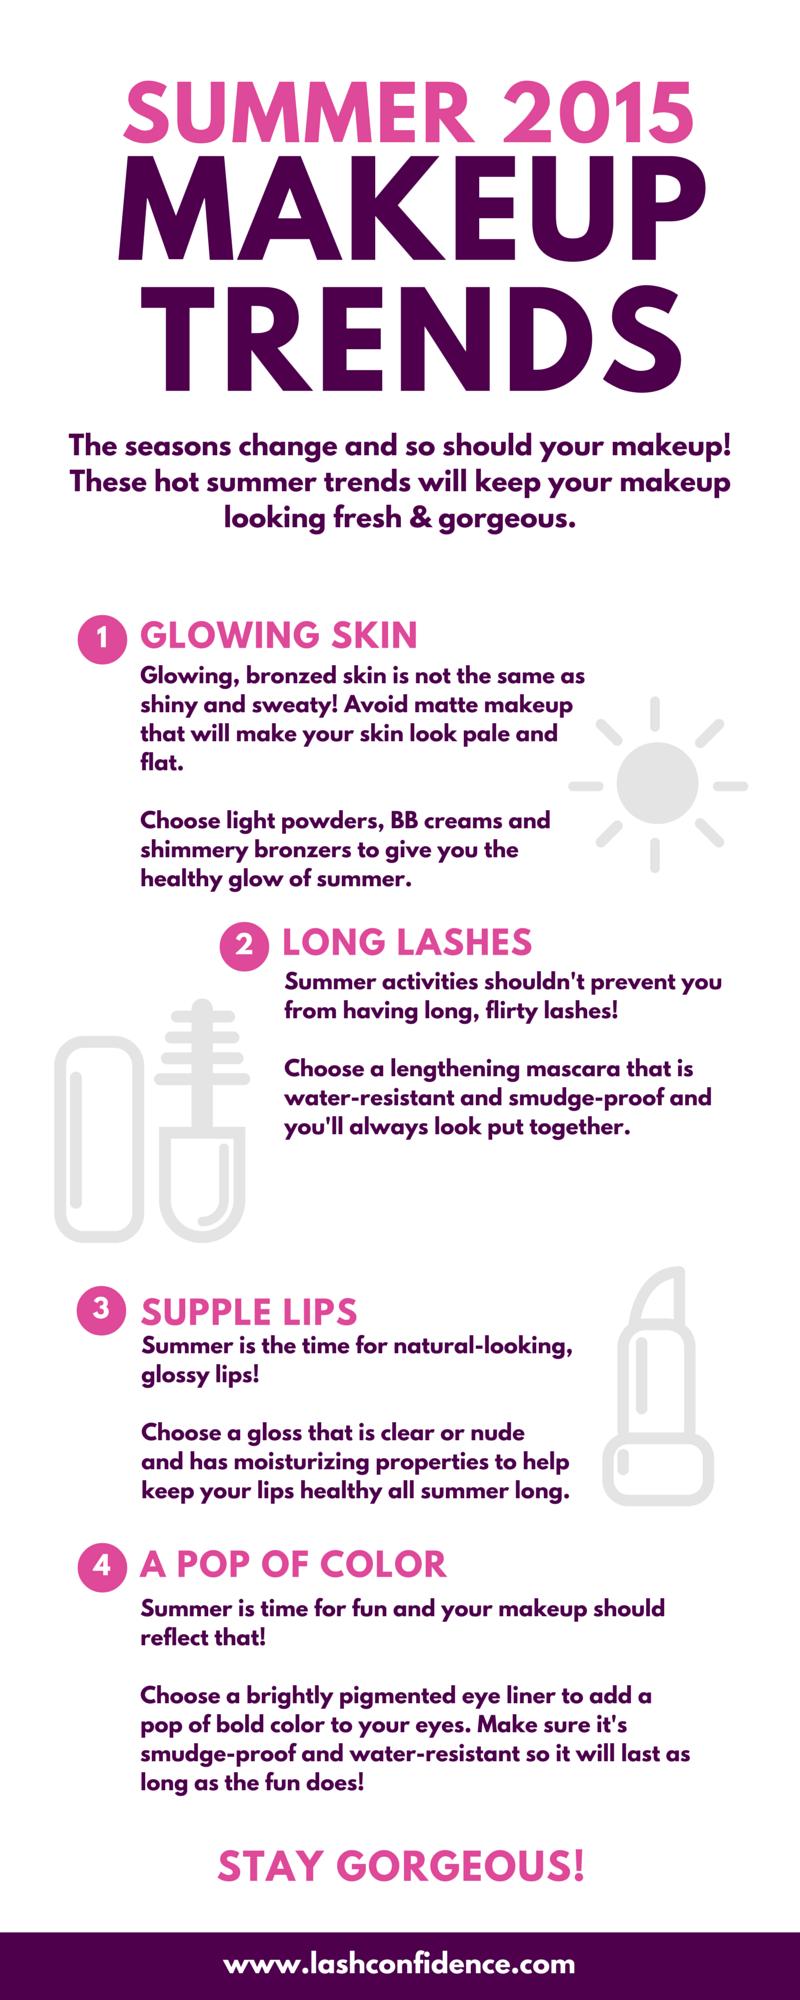 Summer-2015-Makeup-Trends.png